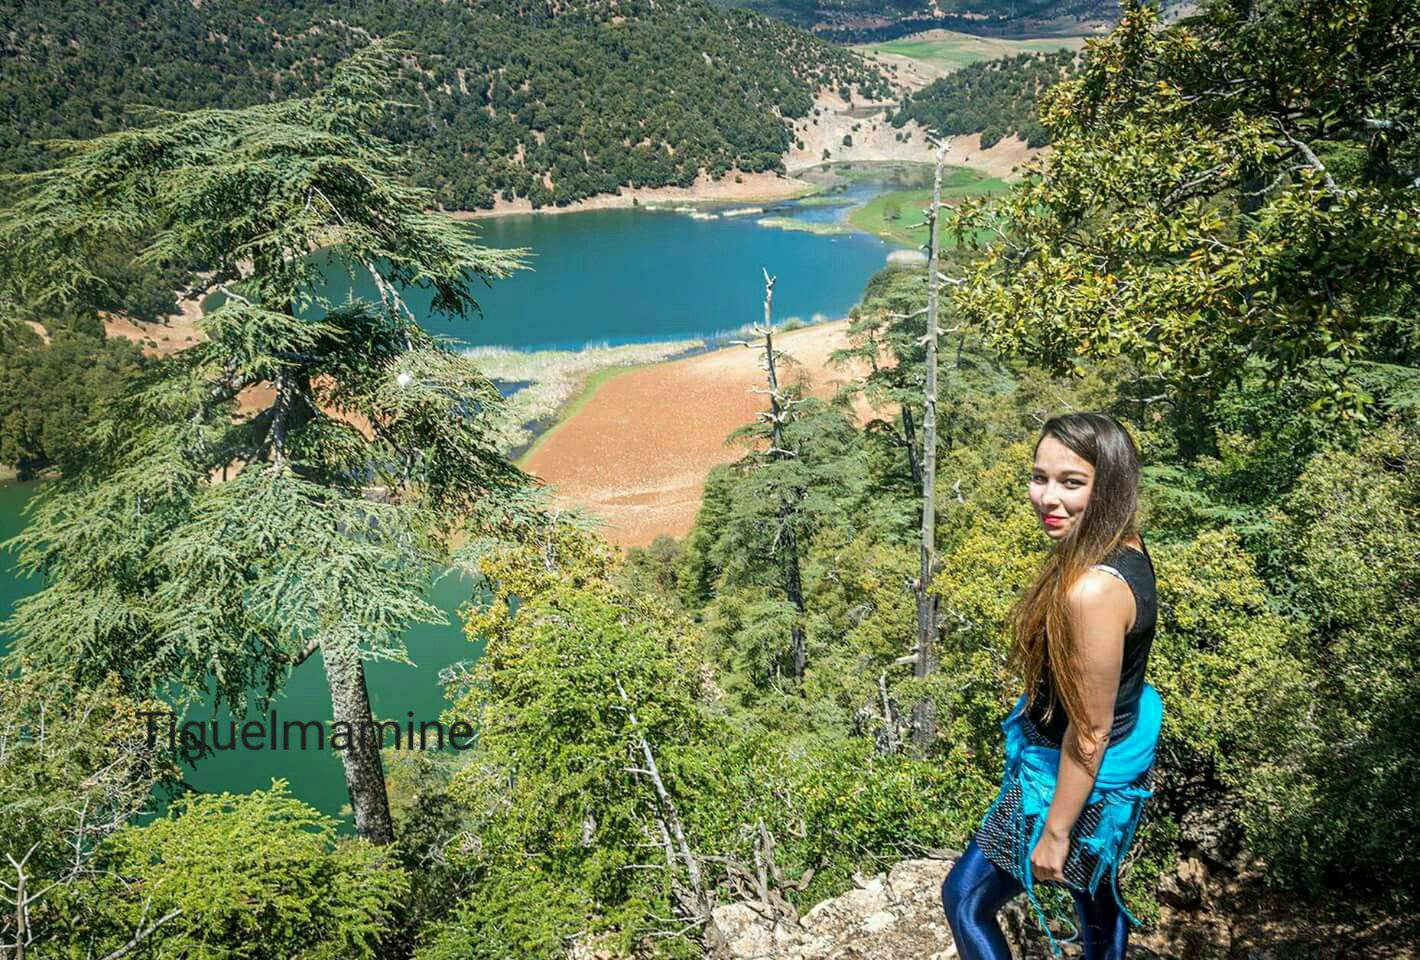 Les plus beaux lac à visiter au Maroc - Lac Tiguelmamine à Kenifra